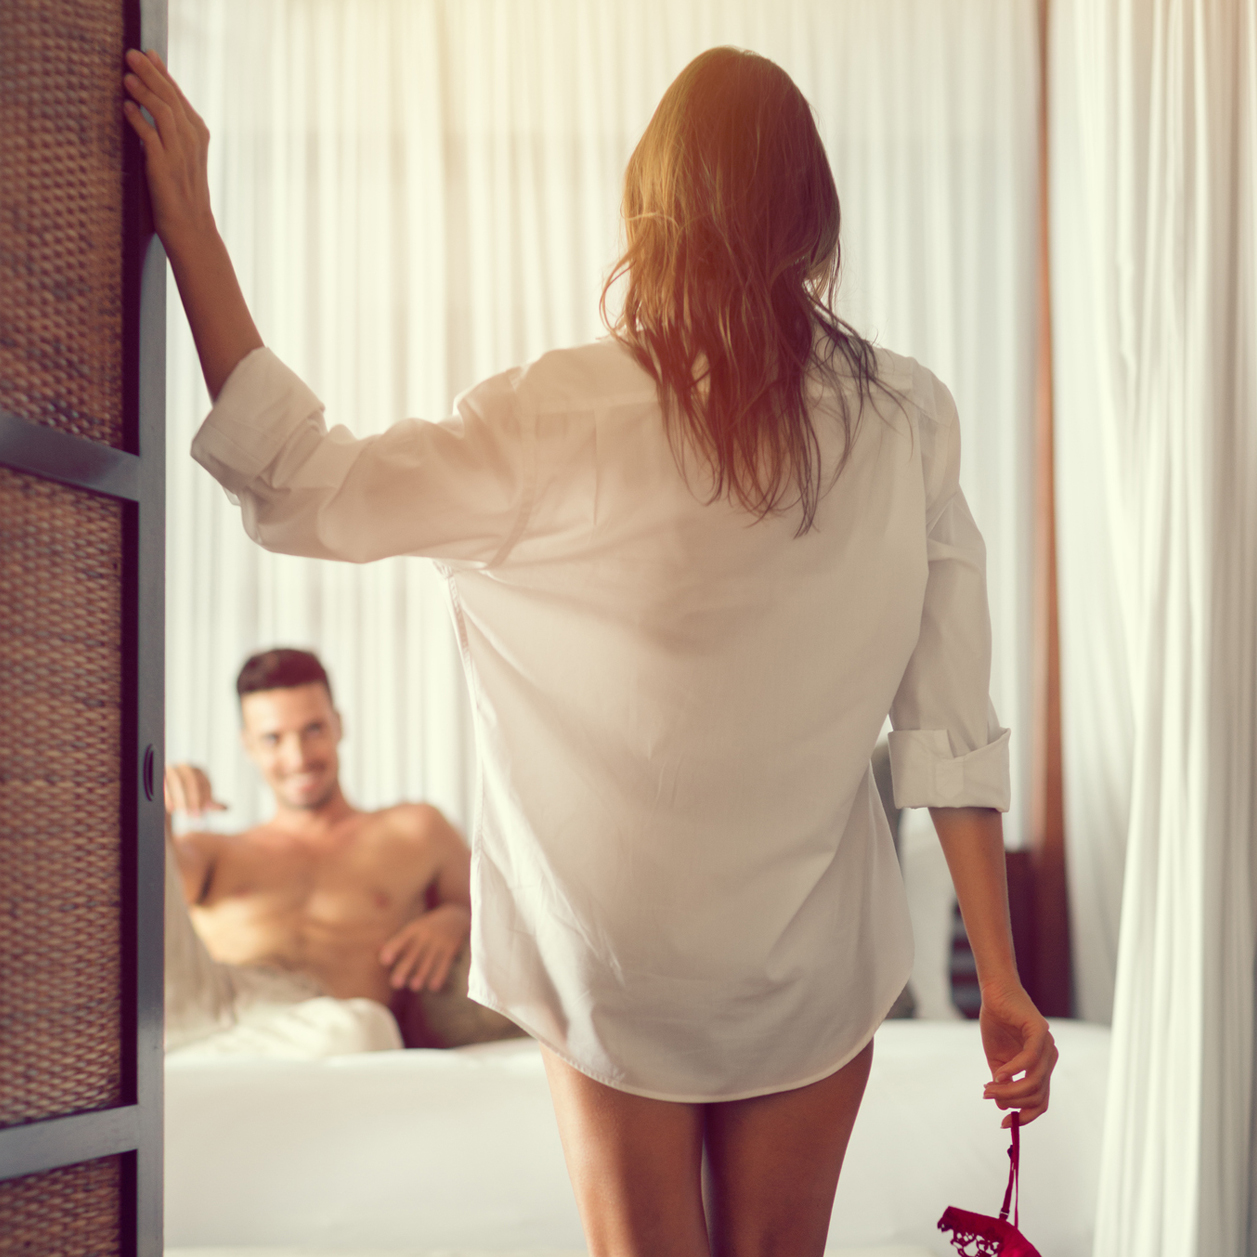 giochi di fare l amore viedeo erotici